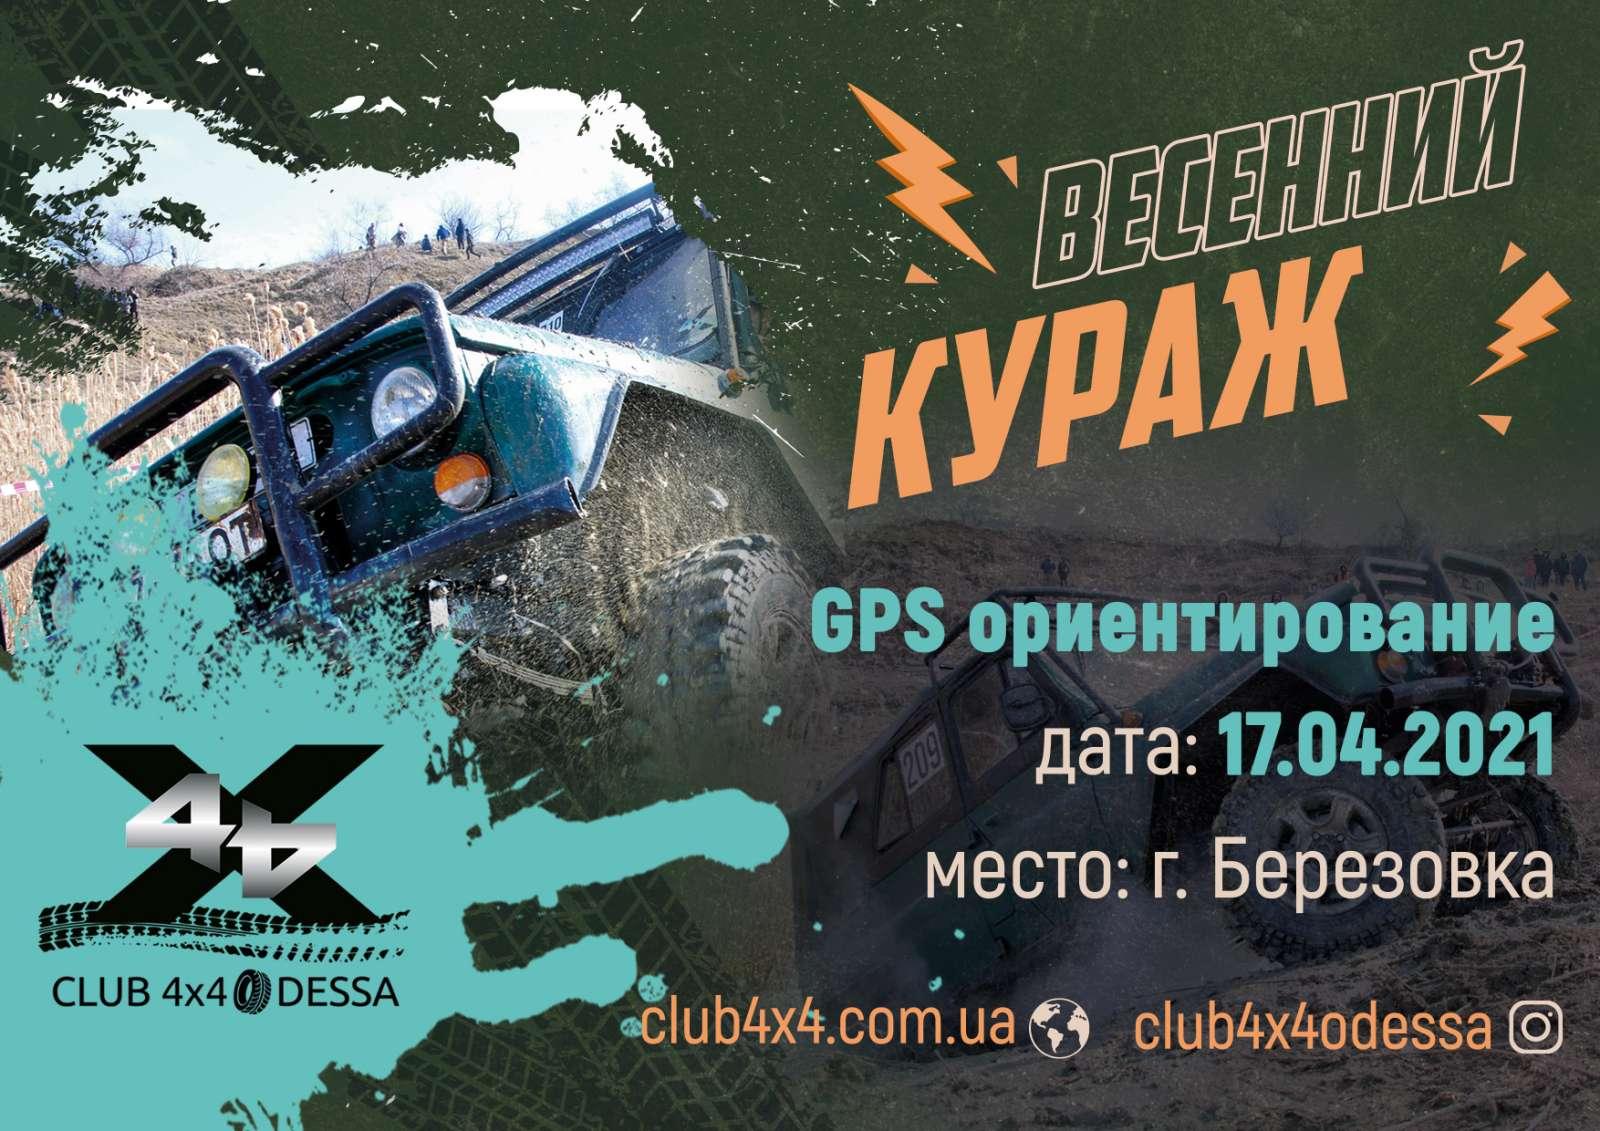 GPS «Весенний Кураж» — ПРИГЛАШАЕМ!